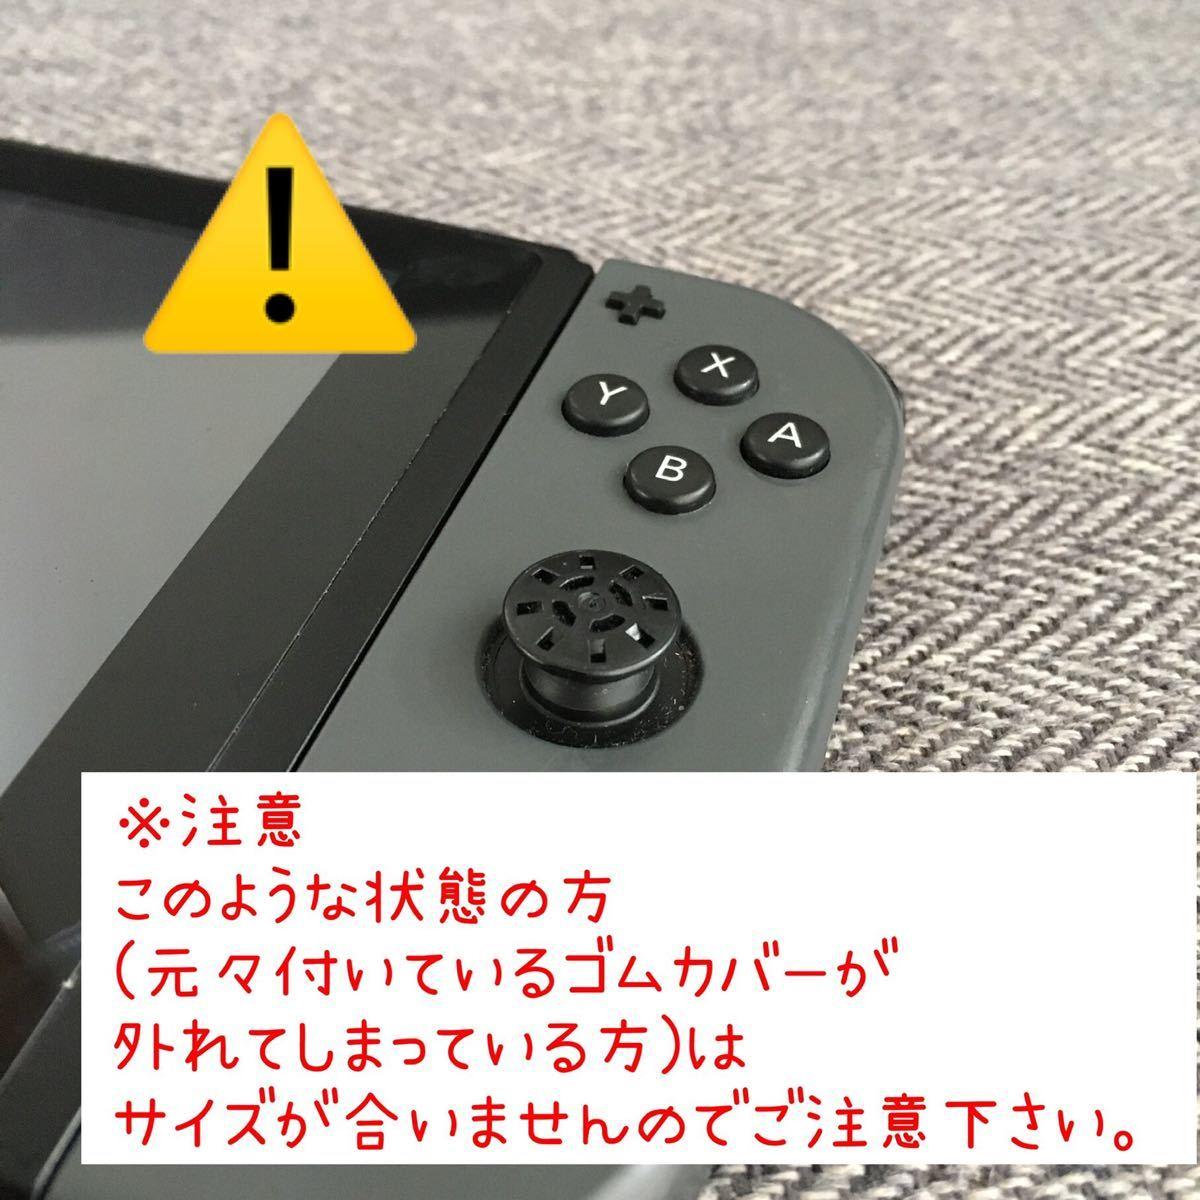 フルーツ Nintendo Switch スイッチ ジョイコン スティックカバー 4個セット